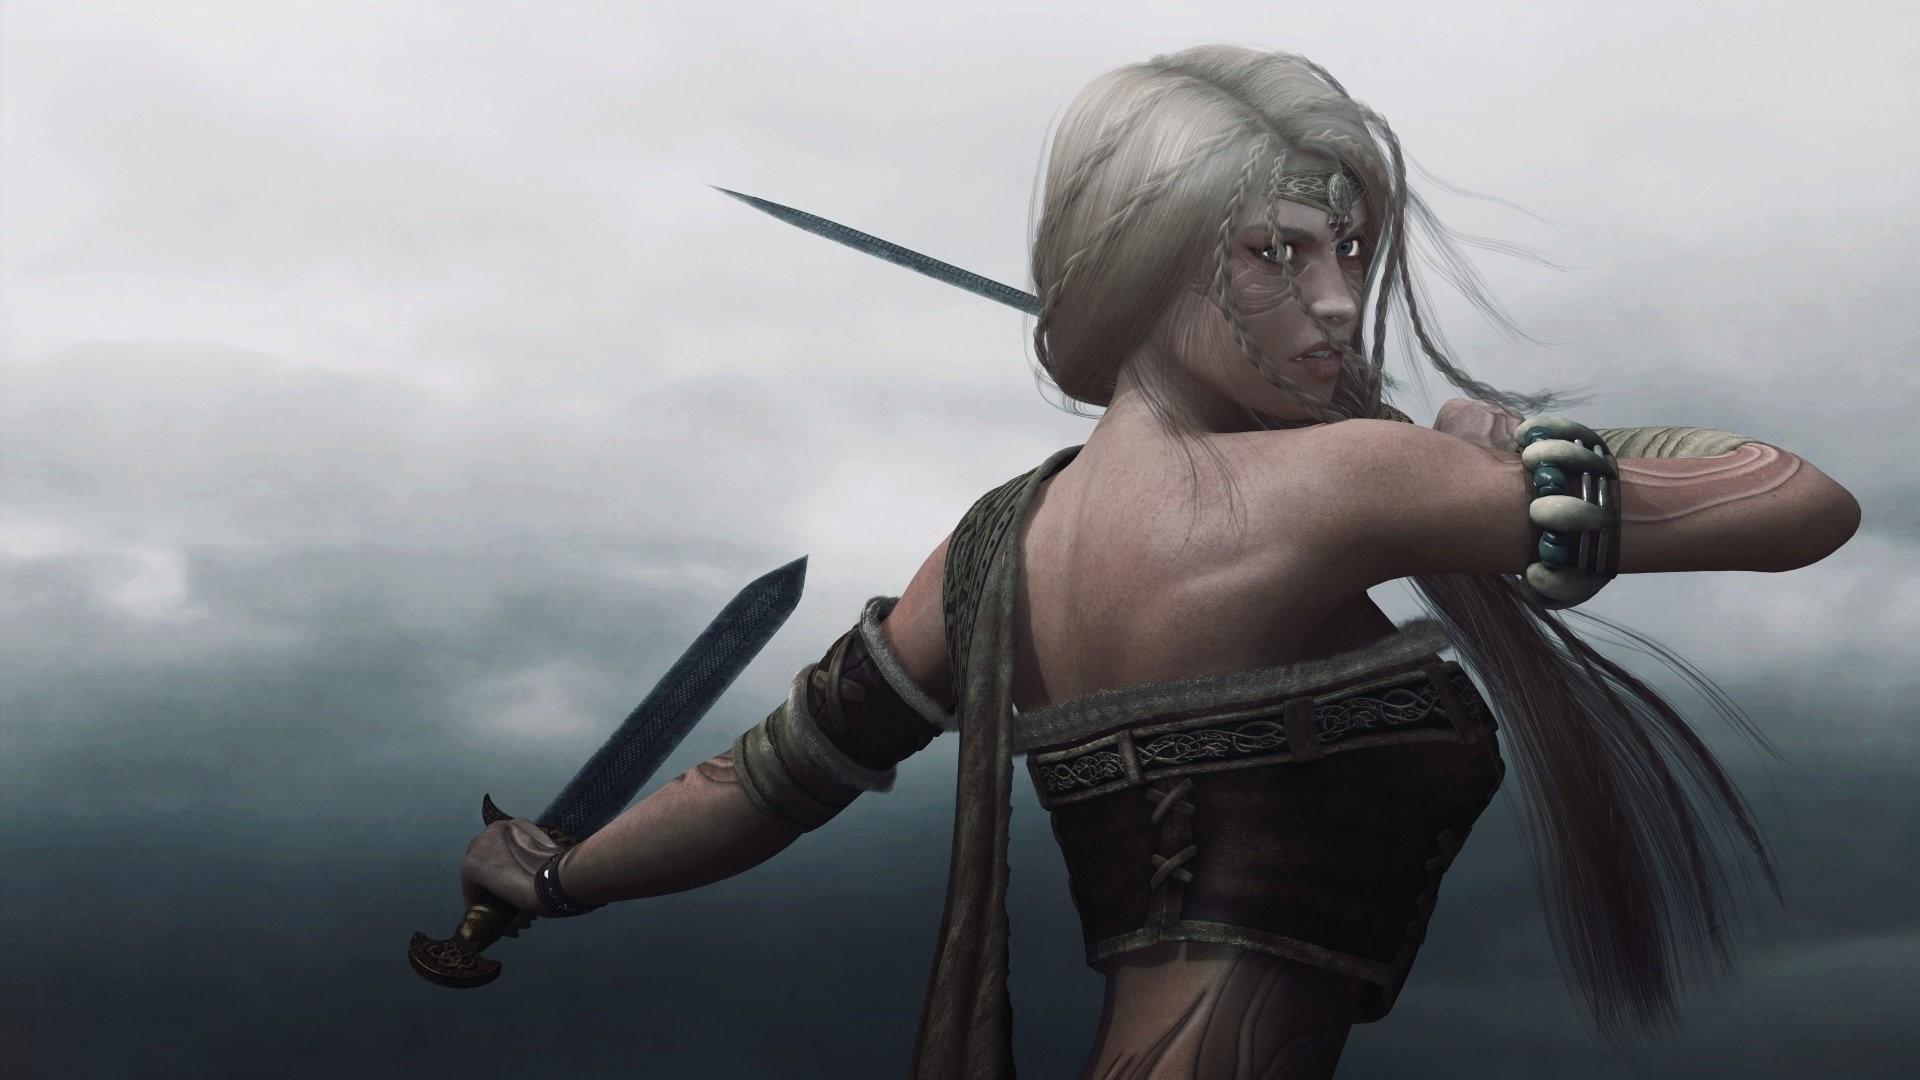 VIKING WOMAN – girl warrior swords tattoo wallpaper     492363    WallpaperUP